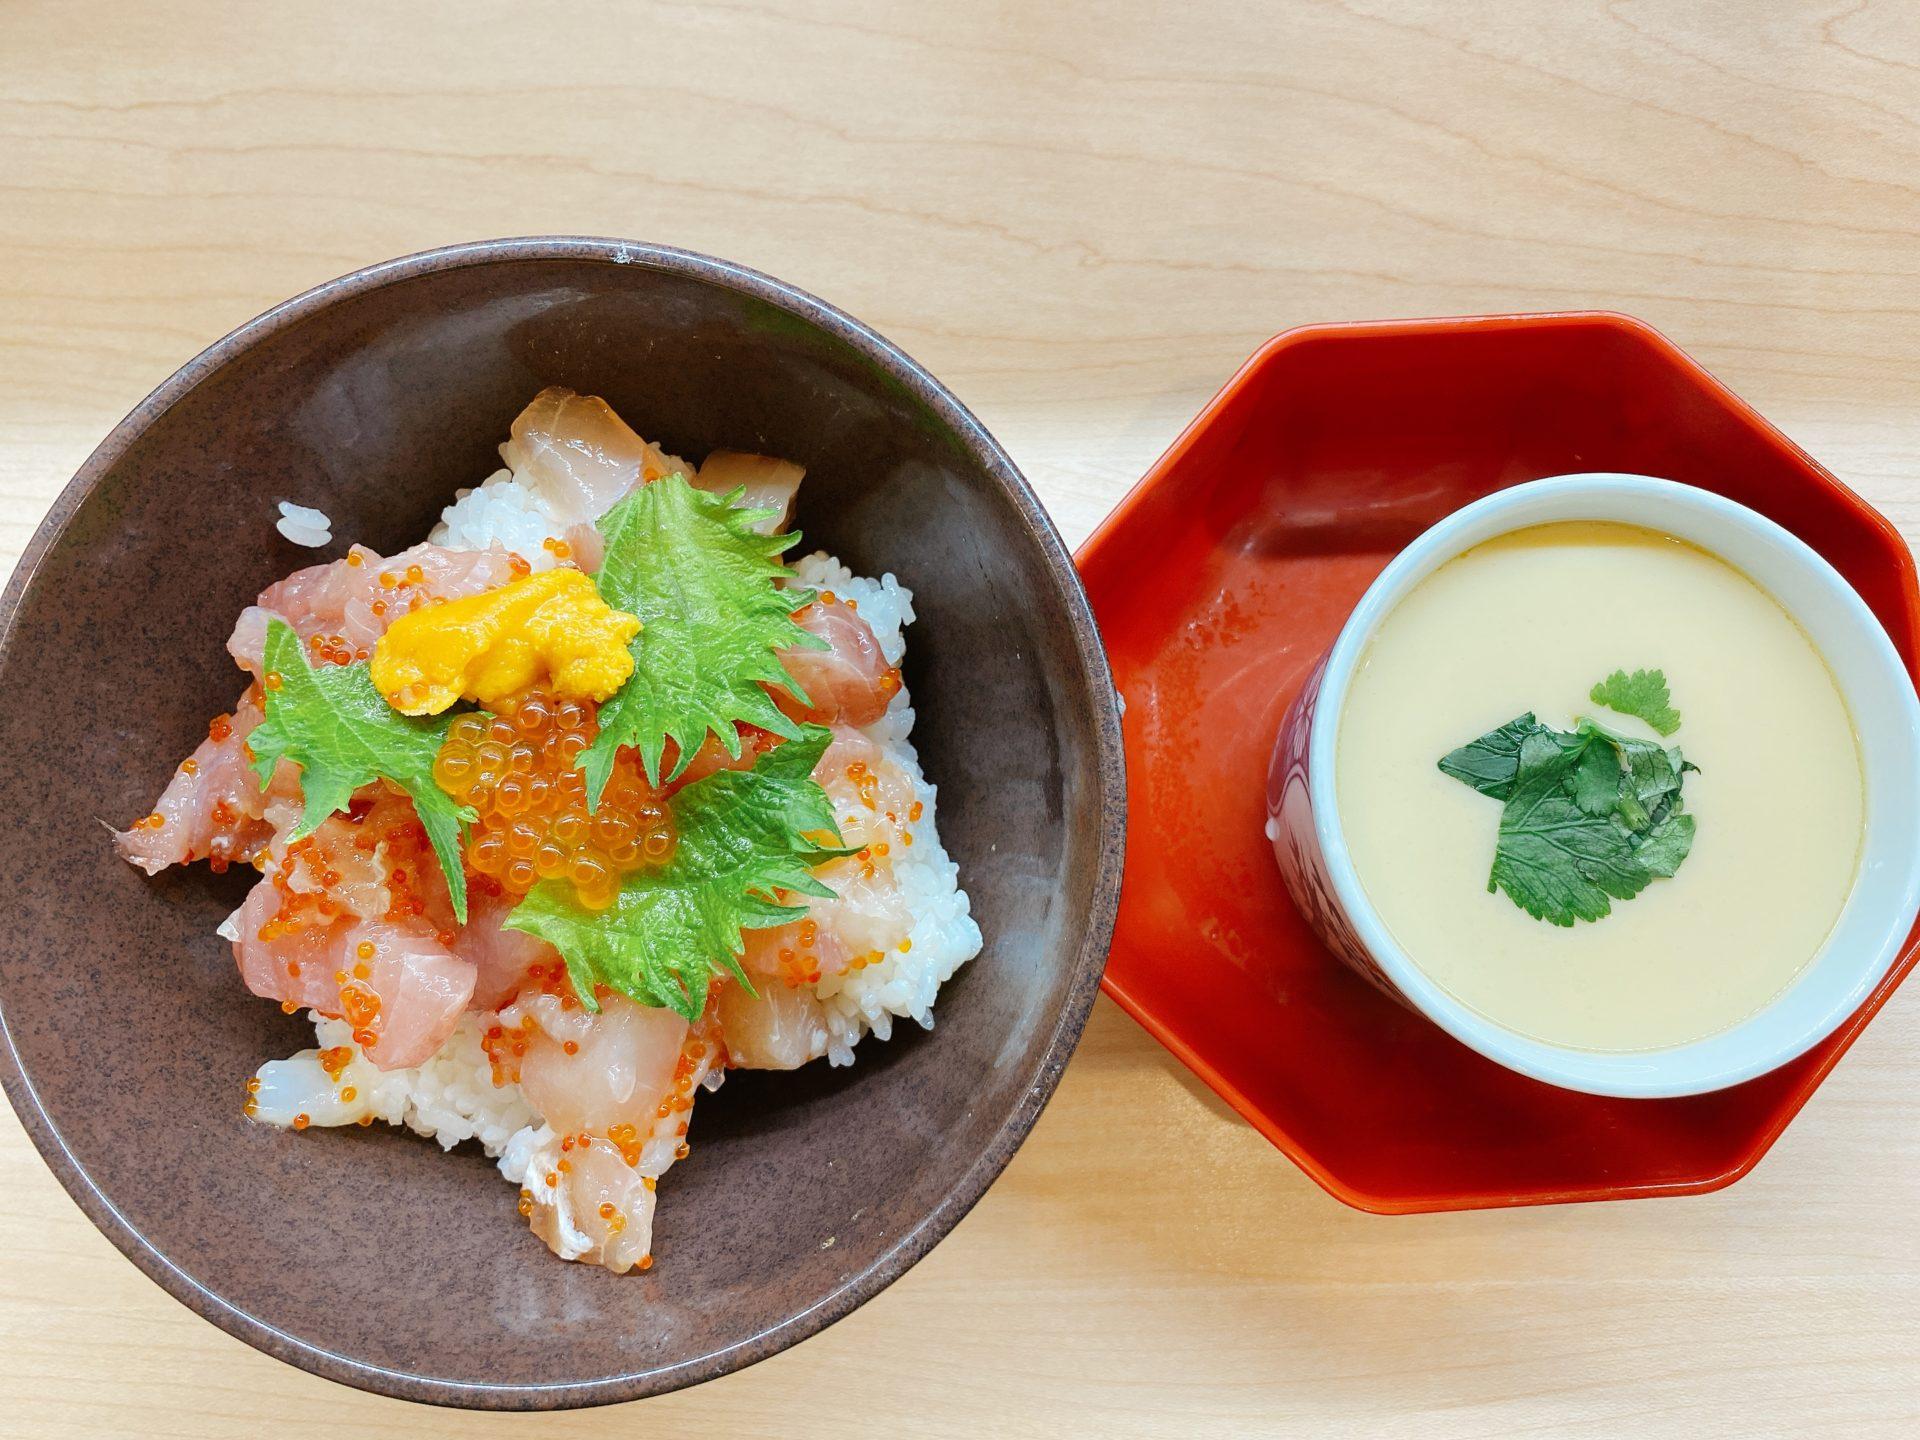 東岡山駅から車で4分 無添くら寿司の海鮮丼が500円で茶碗蒸し付き!天丼に牛カルビ丼もワンコイン500円は超オトク!(税別)